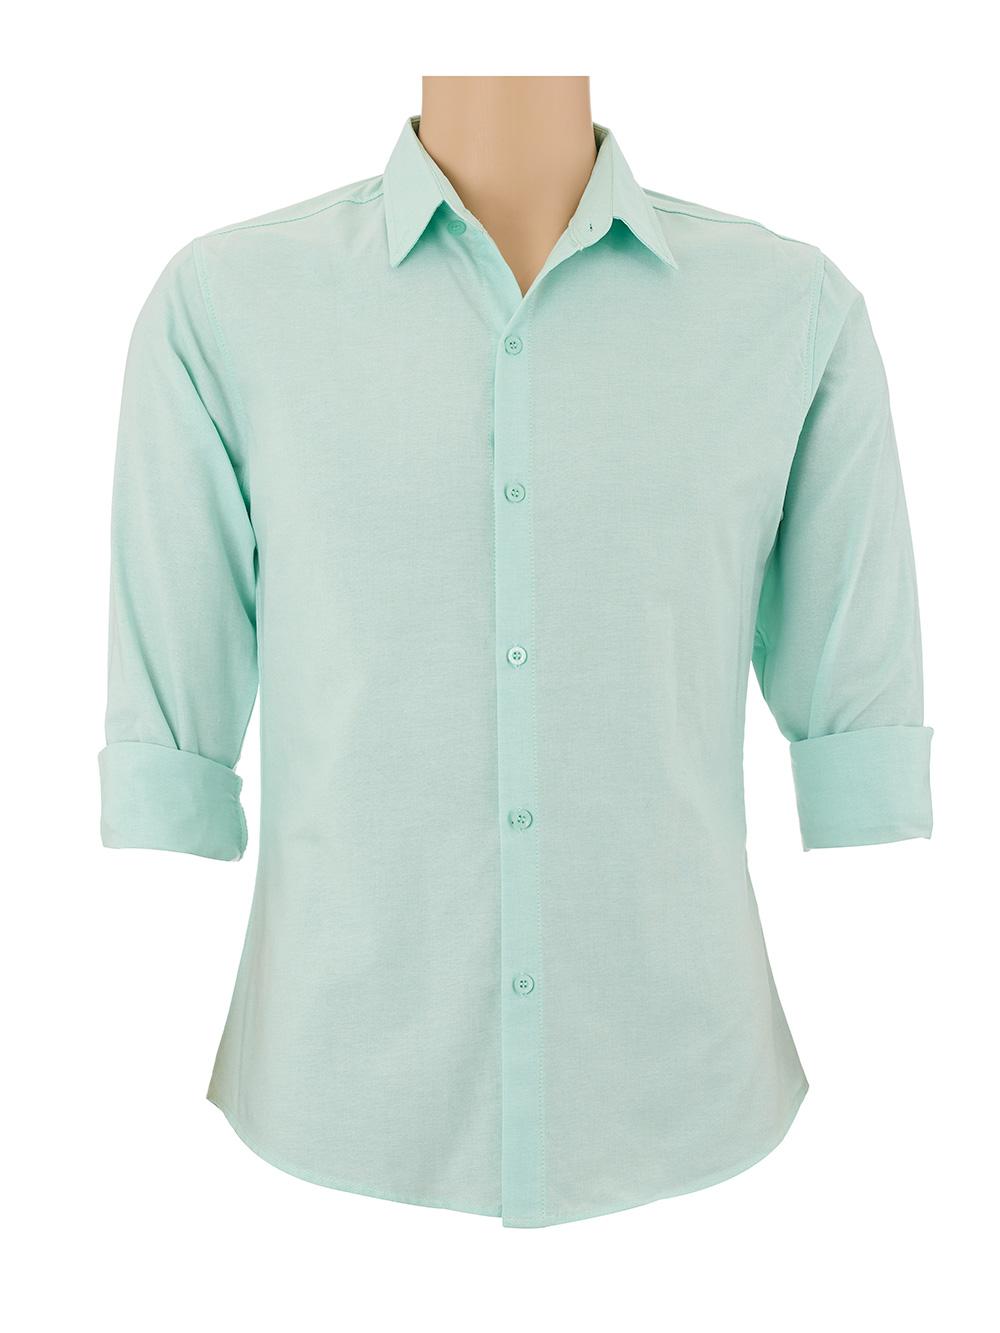 เสื้อเชิ้ตผู้ชายแขนยาว สีเขียวอ่อน